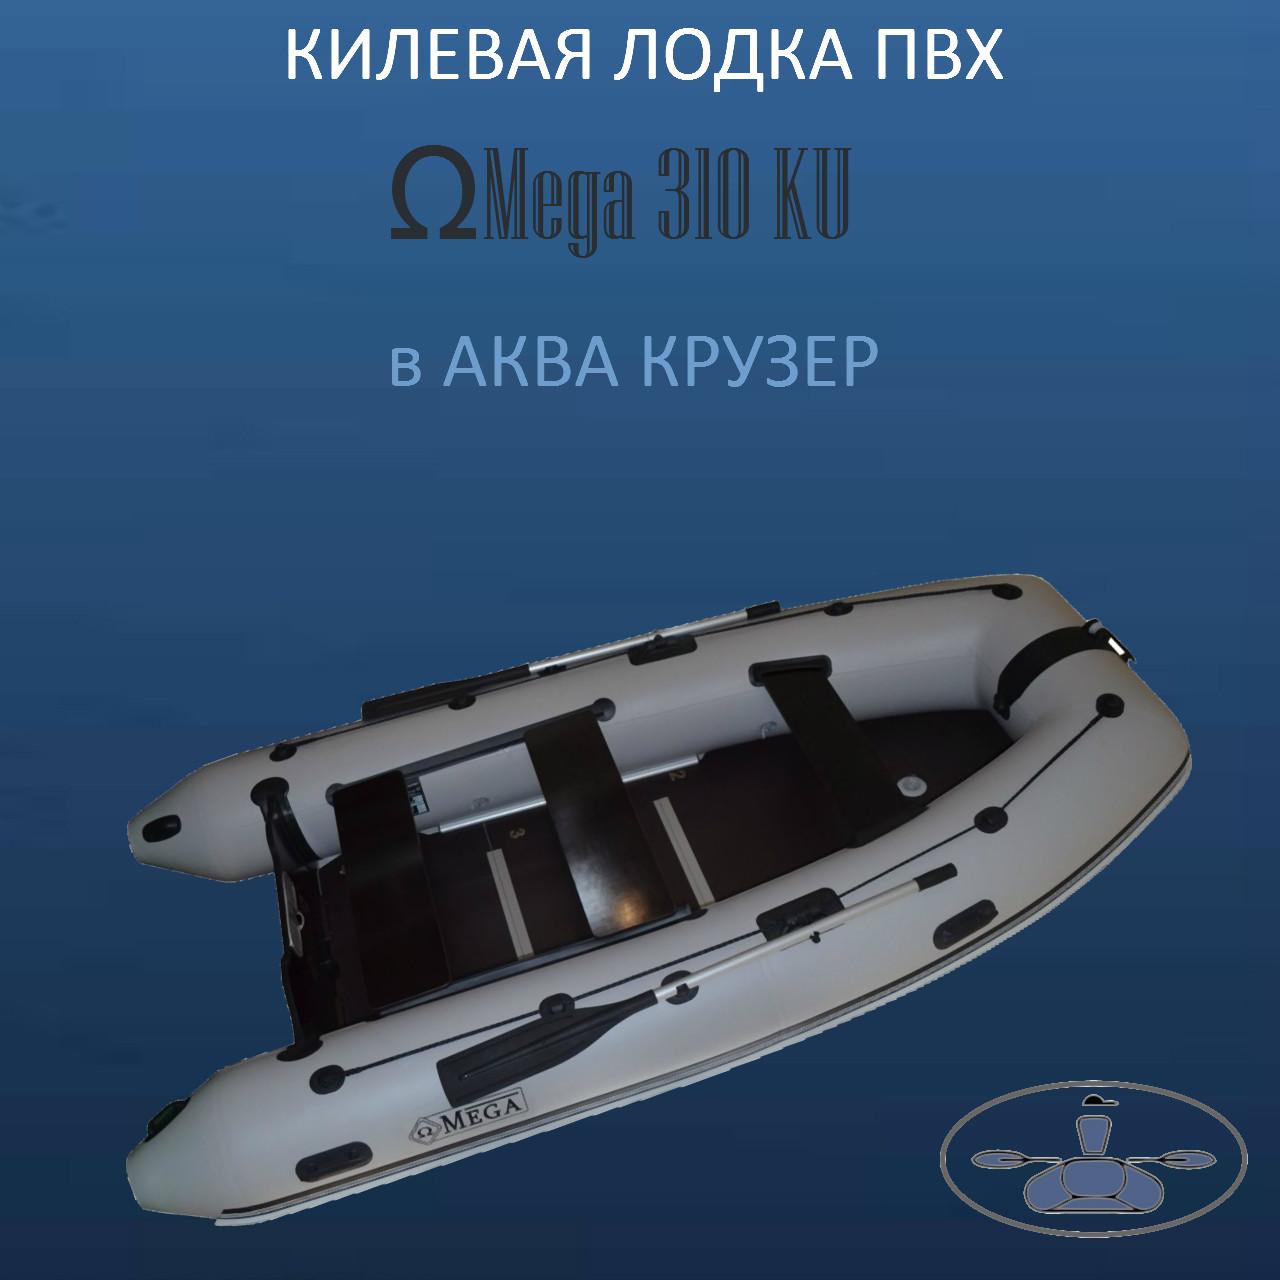 тип килевой лодки